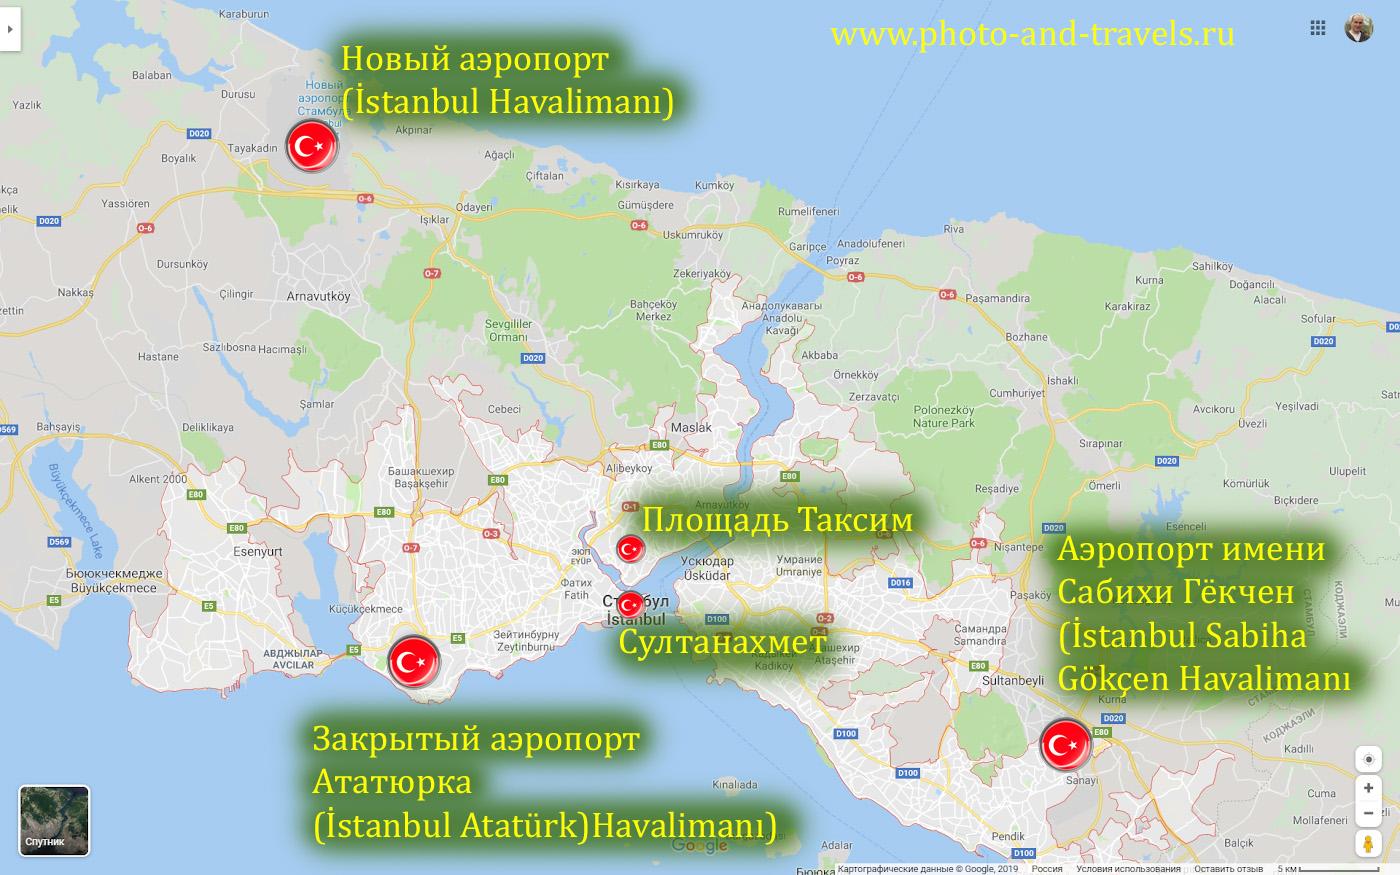 45. Карта со схемой расположения Нового аэропорта, Сабихи Гёкчен и Ататюрка в Стамбуле.